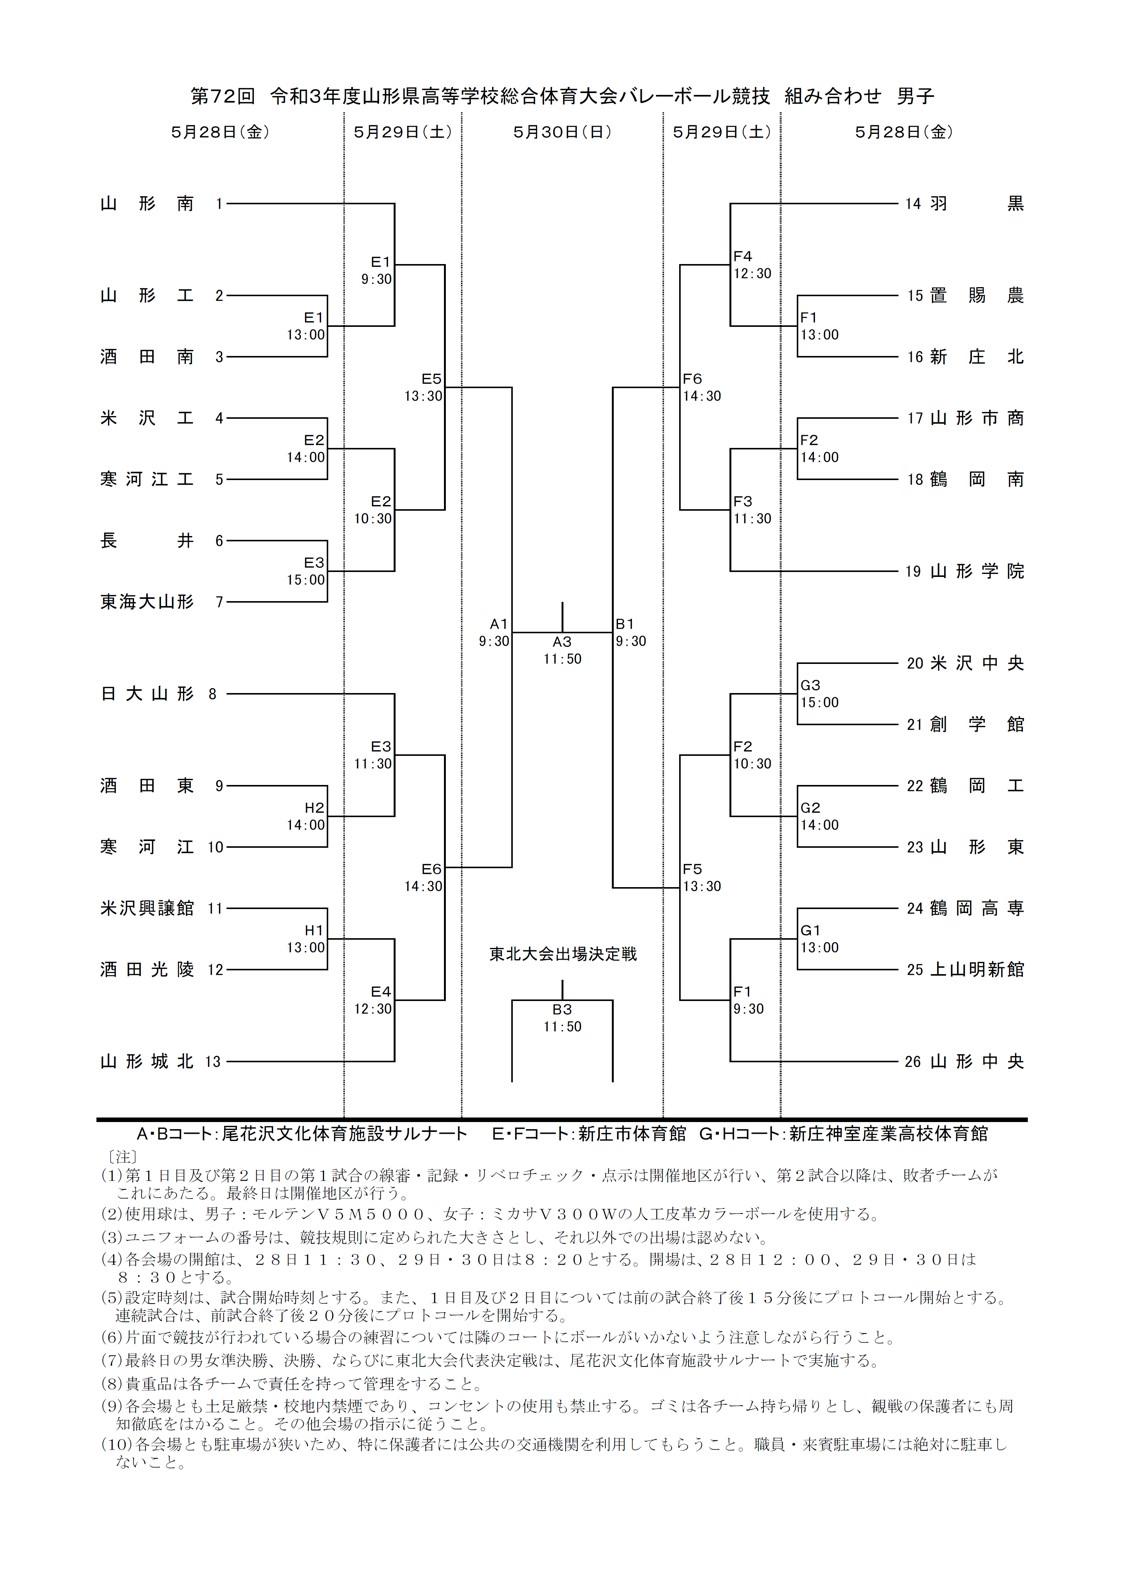 2021年度_インターハイ予選_山形県予選_男子_組合せ